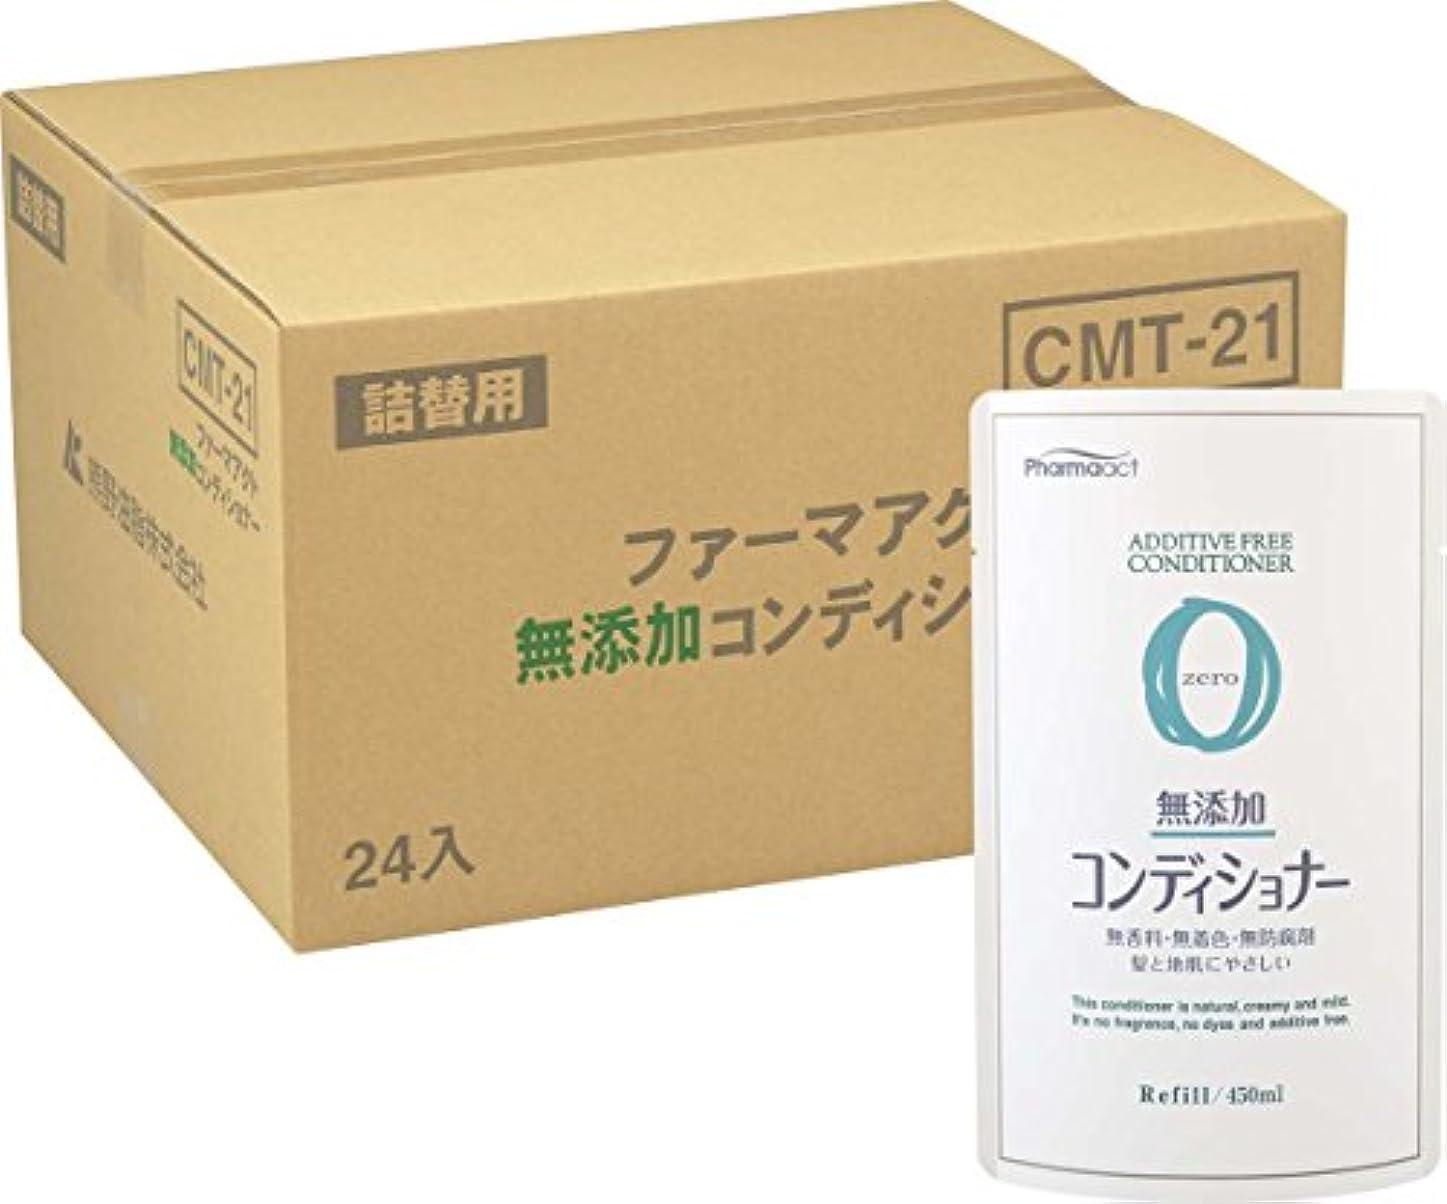 結核仕事皮肉【ケース販売】ファーマアクト 無添加コンディショナー詰替用 450ml×24個入